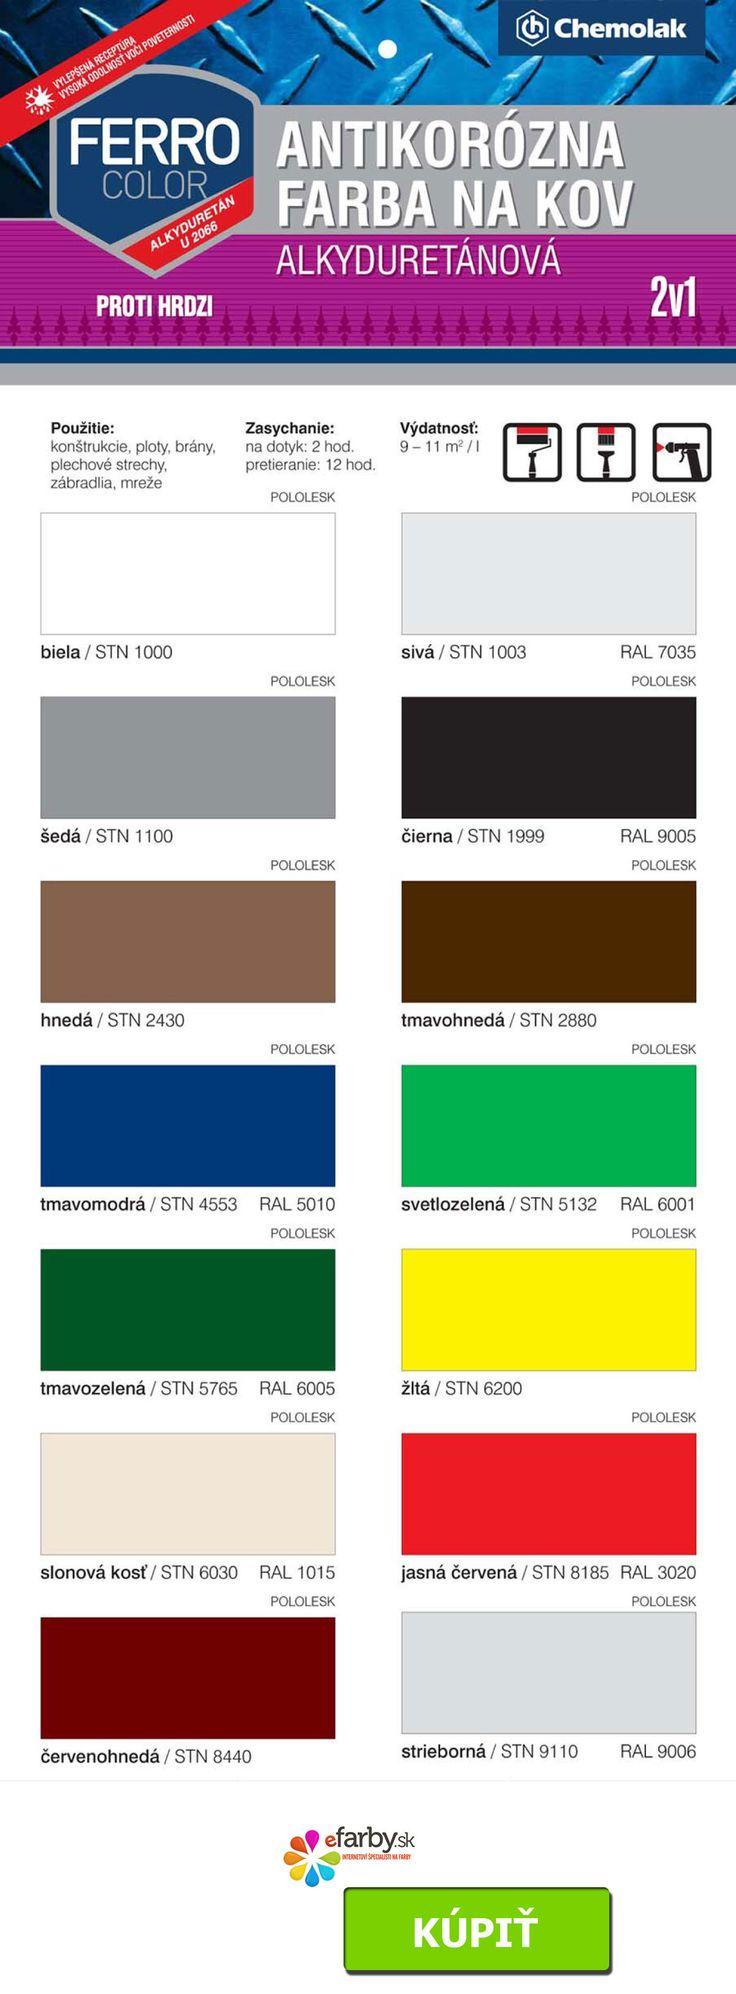 ferro-color-2v1